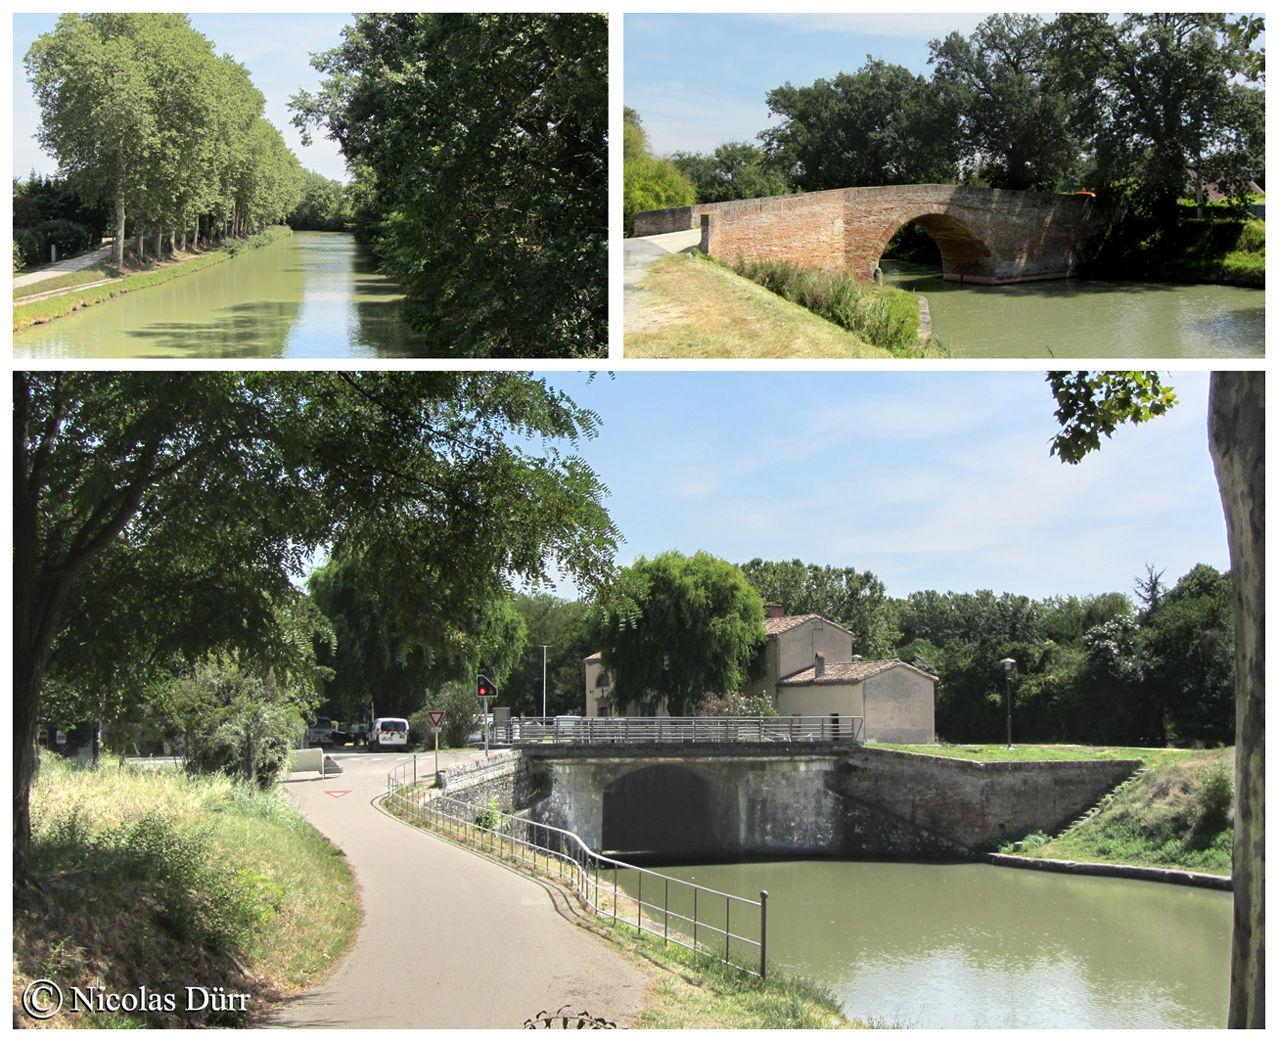 Sur le bief du Sanglier, le pont d'En Serny,ou de Montesquieu, 17ème siècle et remanié en 1890. Sur l'image du bas, arrivée sur l'écluse de Negra.